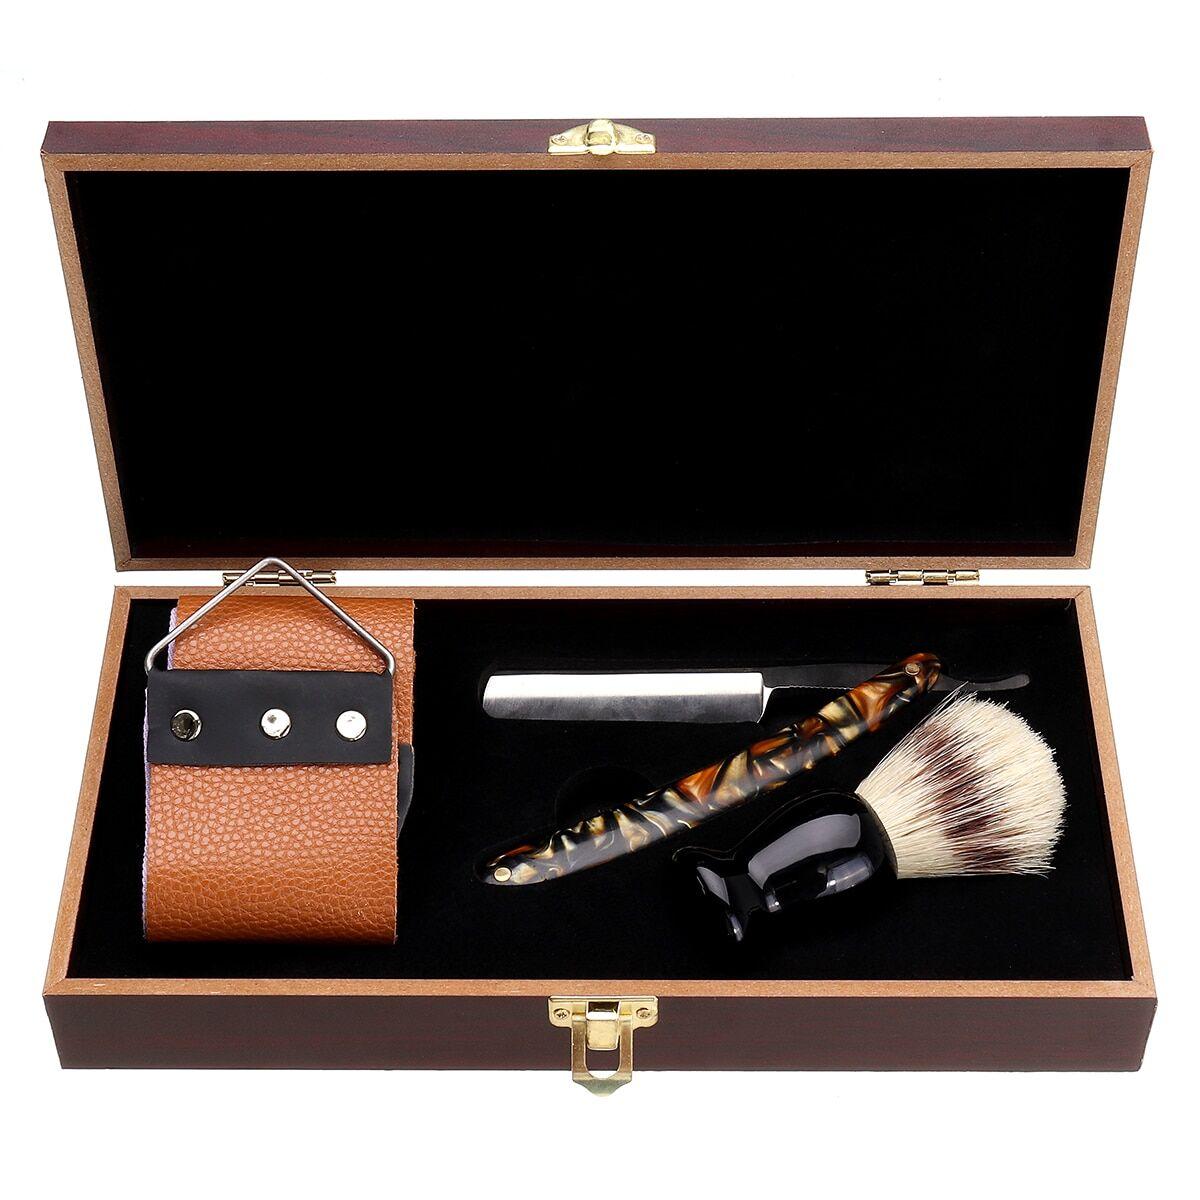 AliExpress Ensemble de rasoir manuel classique pour hommes, couteau de rasage droit pliant + brosse de rasage +